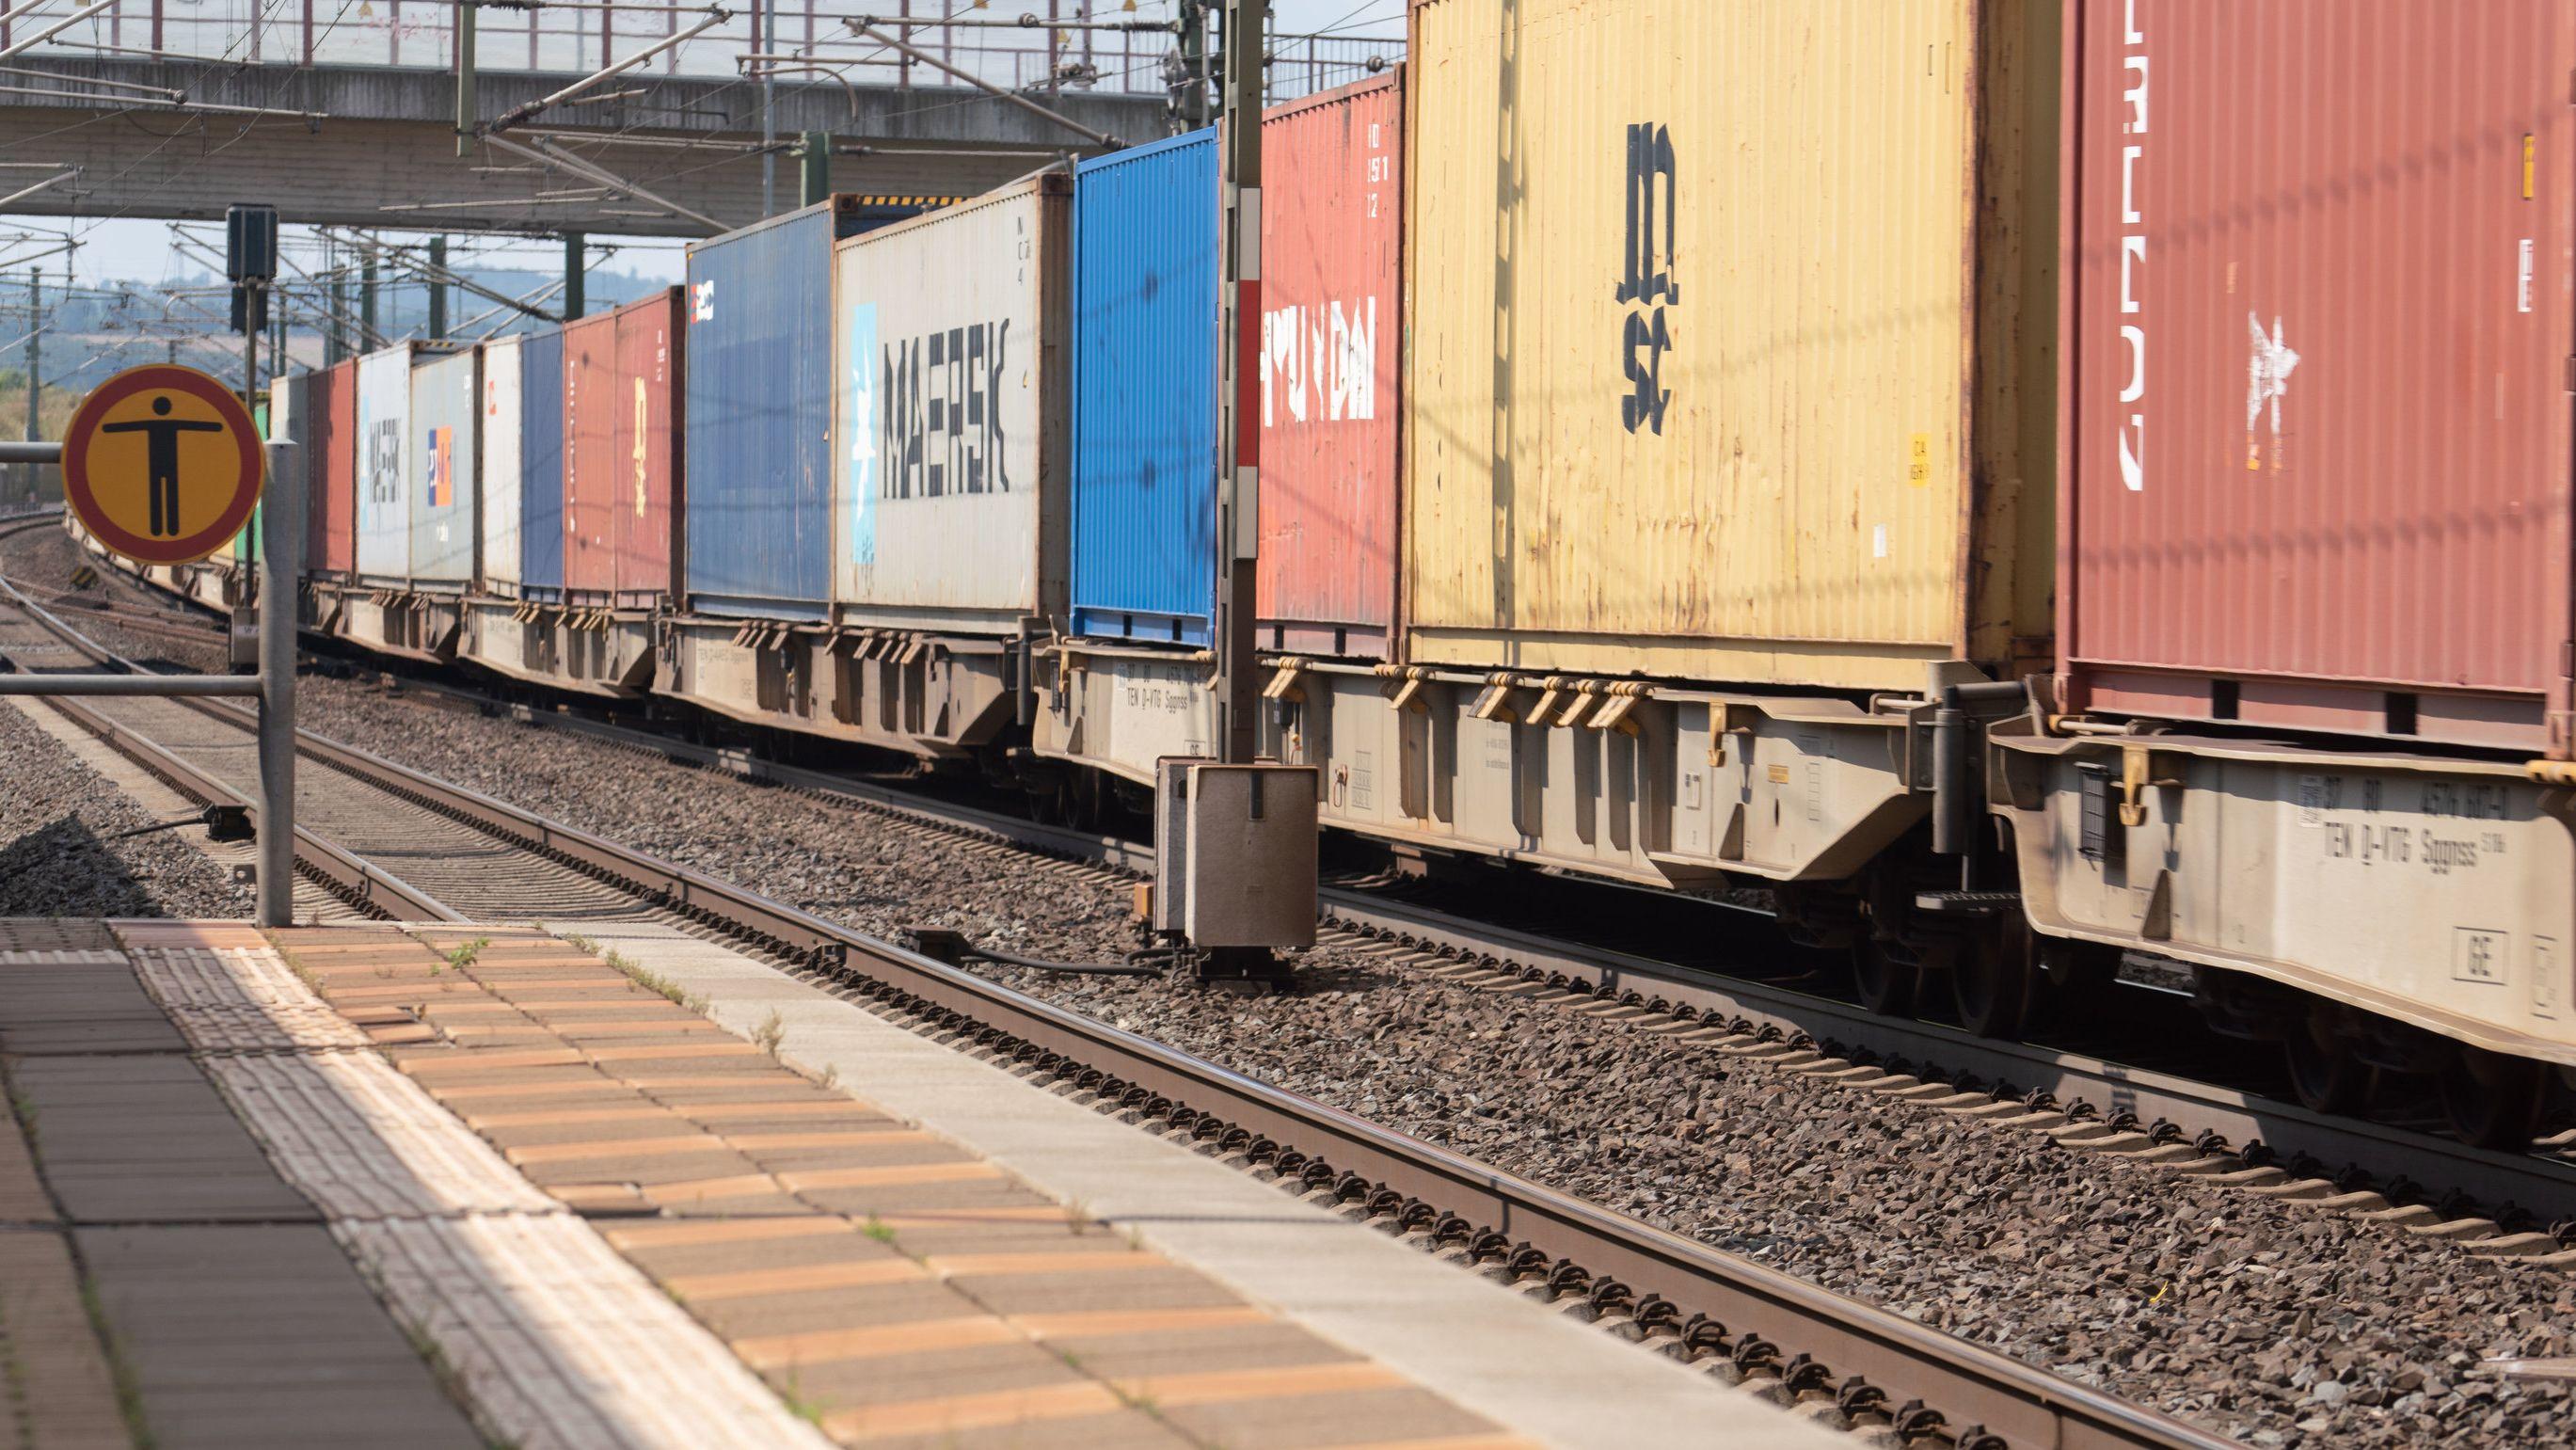 Ein Güterzug passiert einen Bahnsteig des Bahnhofs